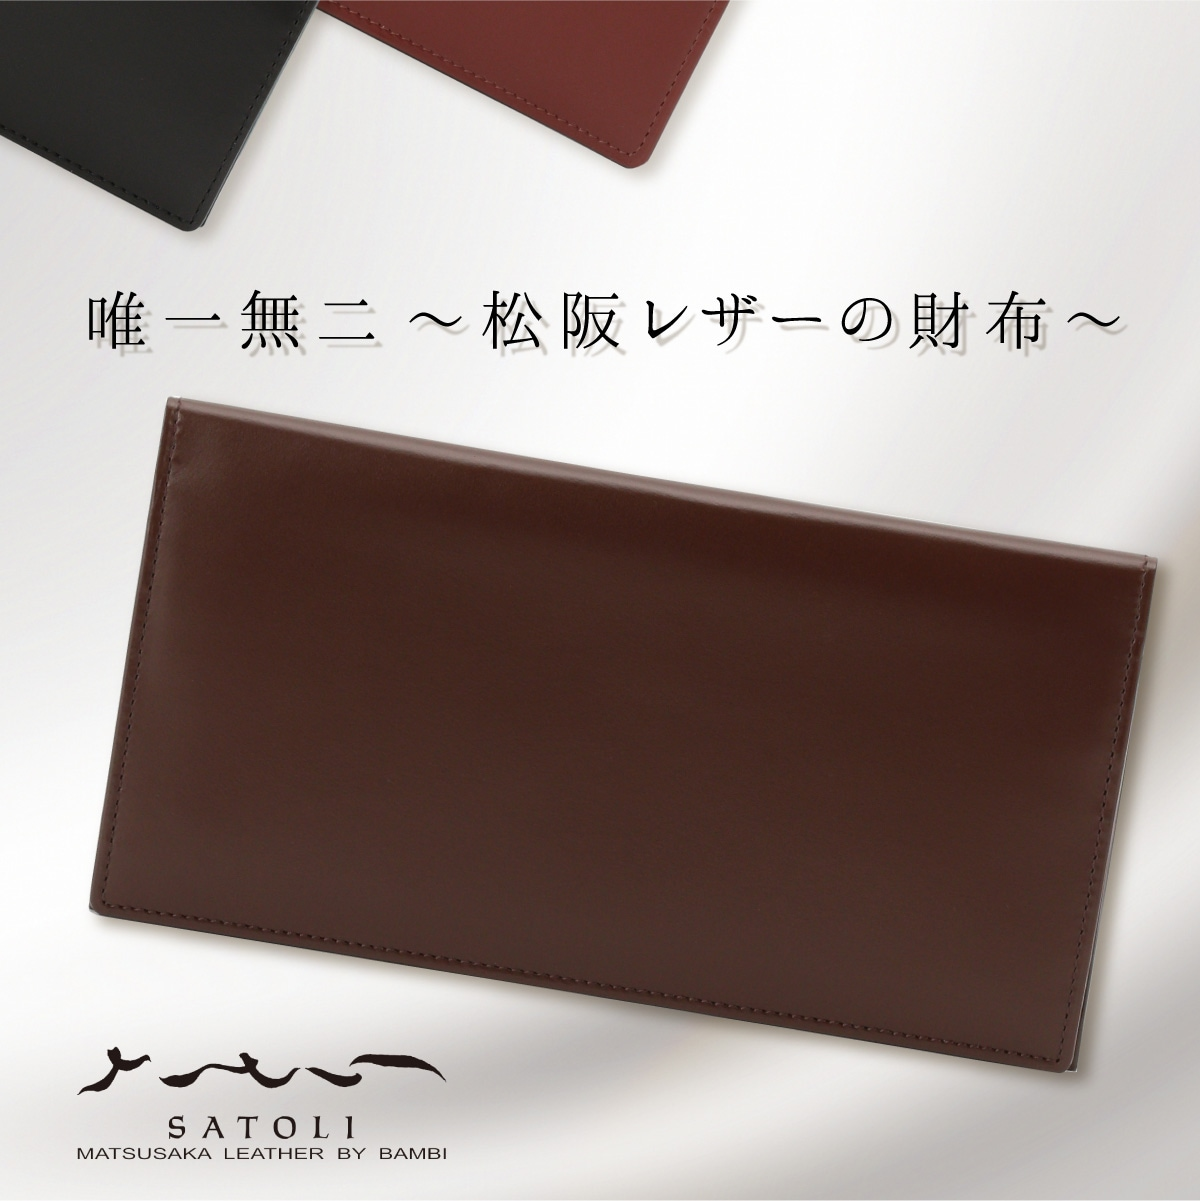 松阪レザーのプレミアム財布 さとり 長財布 【カラー:豊土】 開運グッズ